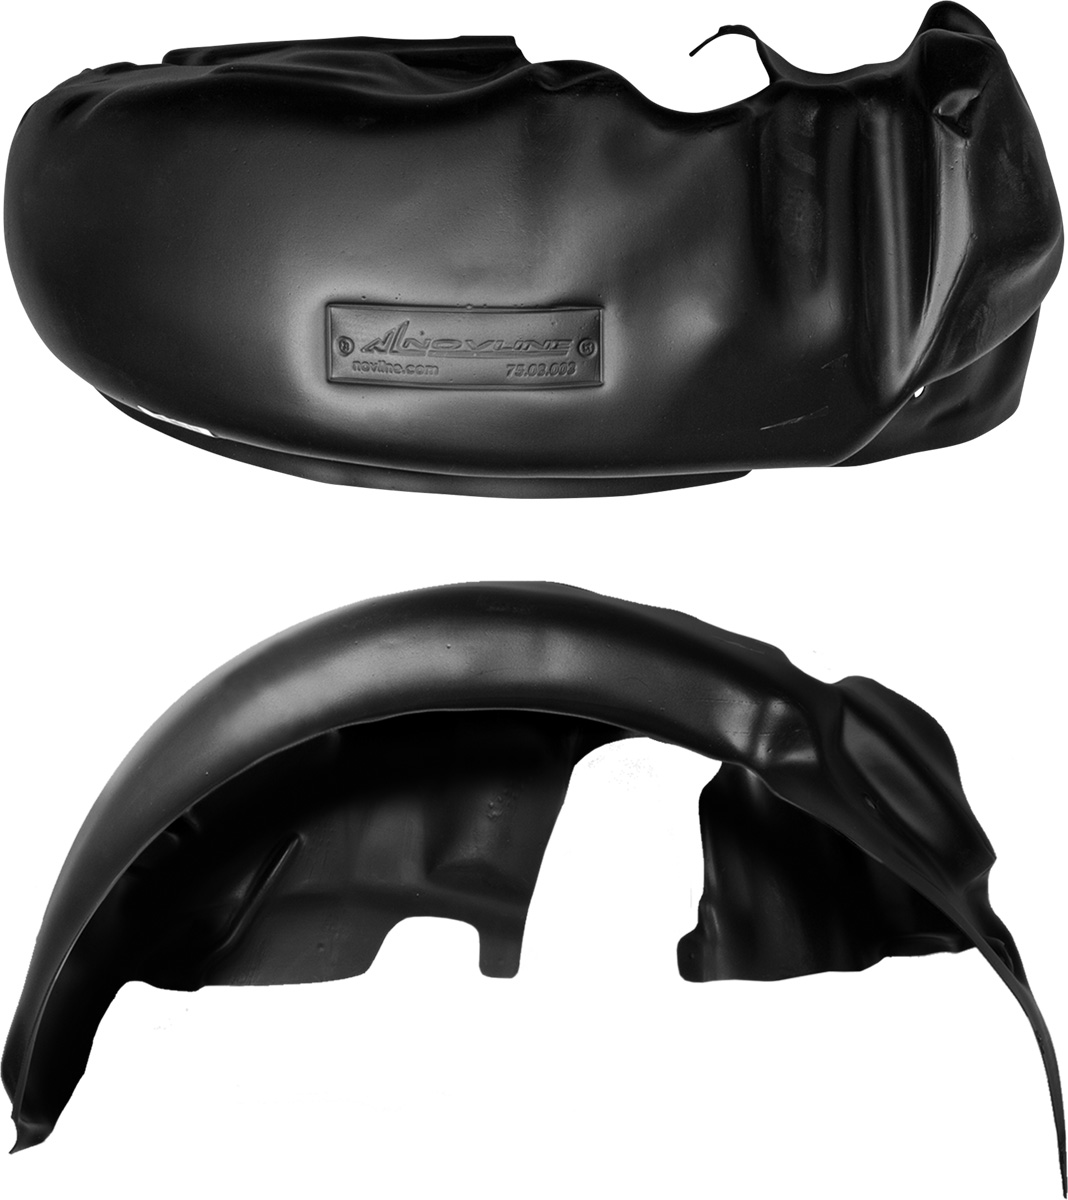 Подкрылок Novline-Autofamily, для Geely Emgrand EC7, 2011->, задний правыйNLL.75.05.004Колесные ниши - одни из самых уязвимых зон днища вашего автомобиля. Они постоянно подвергаются воздействию со стороны дороги. Лучшая, почти абсолютная защита для них - специально отформованные пластиковые кожухи, которые называются подкрылками. Производятся они как для отечественных моделей автомобилей, так и для иномарок. Подкрылки Novline-Autofamily выполнены из высококачественного, экологически чистого пластика. Обеспечивают надежную защиту кузова автомобиля от пескоструйного эффекта и негативного влияния, агрессивных антигололедных реагентов. Пластик обладает более низкой теплопроводностью, чем металл, поэтому в зимний период эксплуатации использование пластиковых подкрылков позволяет лучше защитить колесные ниши от налипания снега и образования наледи. Оригинальность конструкции подчеркивает элегантность автомобиля, бережно защищает нанесенное на днище кузова антикоррозийное покрытие и позволяет осуществить крепление подкрылков внутри колесной арки практически без дополнительного крепежа и сверления, не нарушая при этом лакокрасочного покрытия, что предотвращает возникновение новых очагов коррозии. Подкрылки долговечны, обладают высокой прочностью и сохраняют заданную форму, а также все свои физико-механические характеристики в самых тяжелых климатических условиях (от -50°С до +50°С).Уважаемые клиенты!Обращаем ваше внимание, на тот факт, что подкрылок имеет форму, соответствующую модели данного автомобиля. Фото служит для визуального восприятия товара.